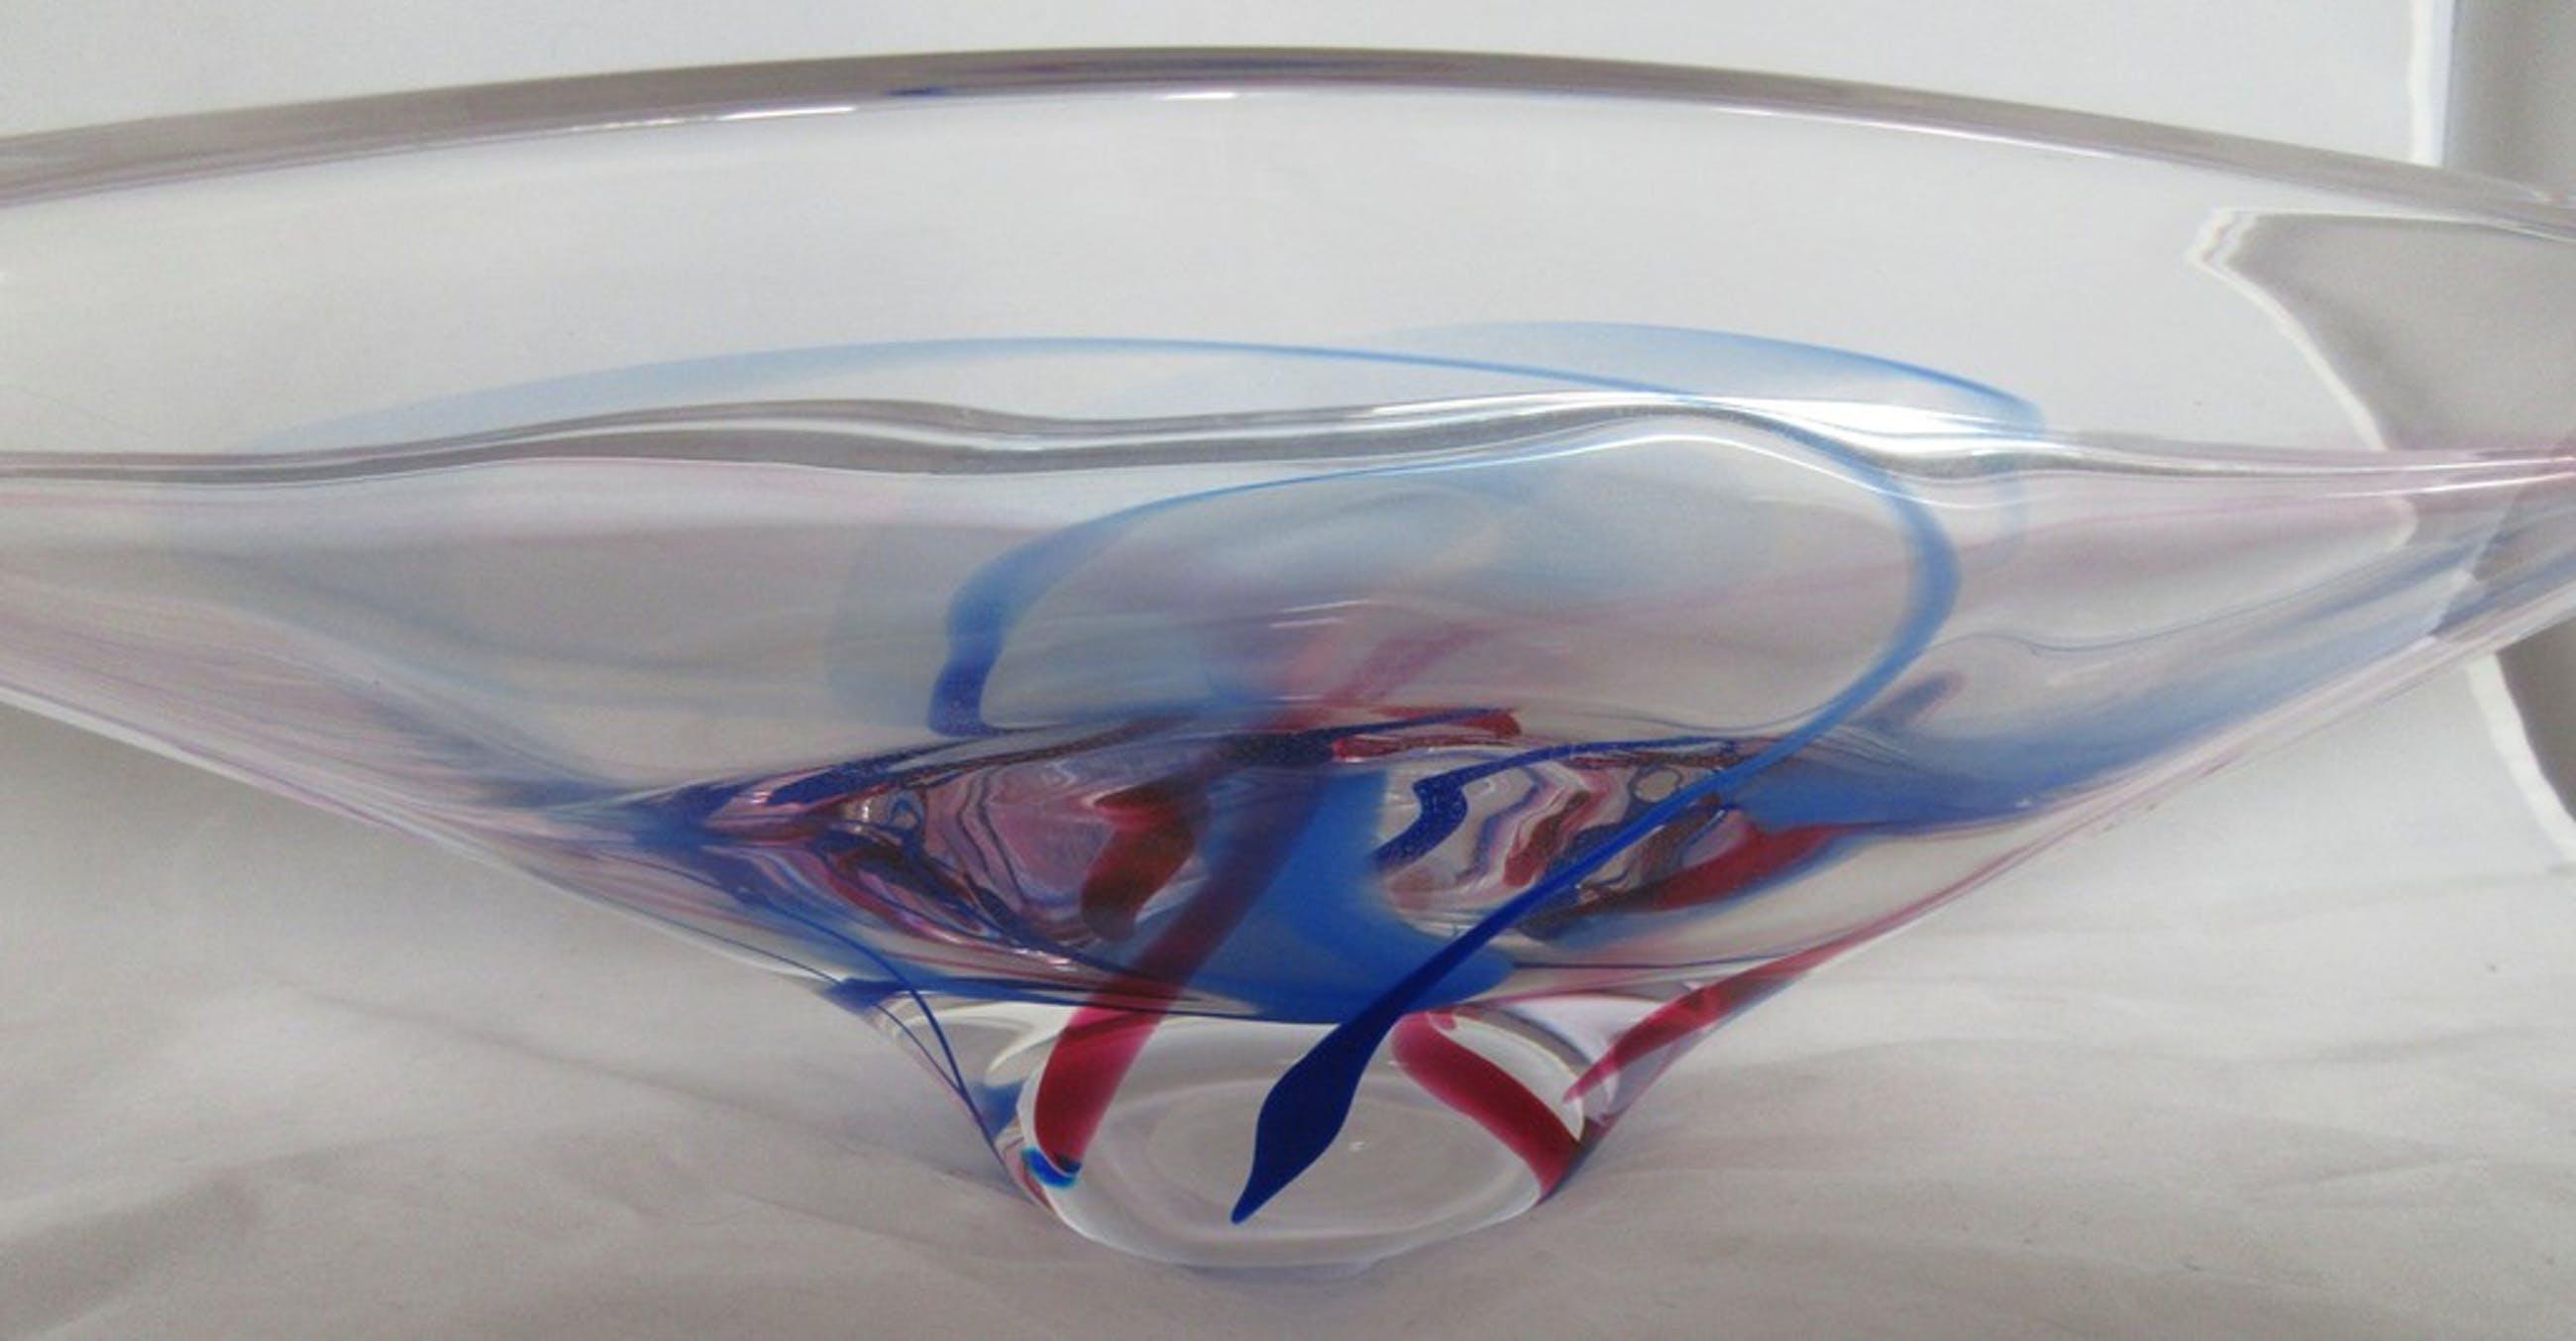 Max Verboeket Kristalunie Maastricht - Grote Kristaluniek schaal model 200-23 kopen? Bied vanaf 62!